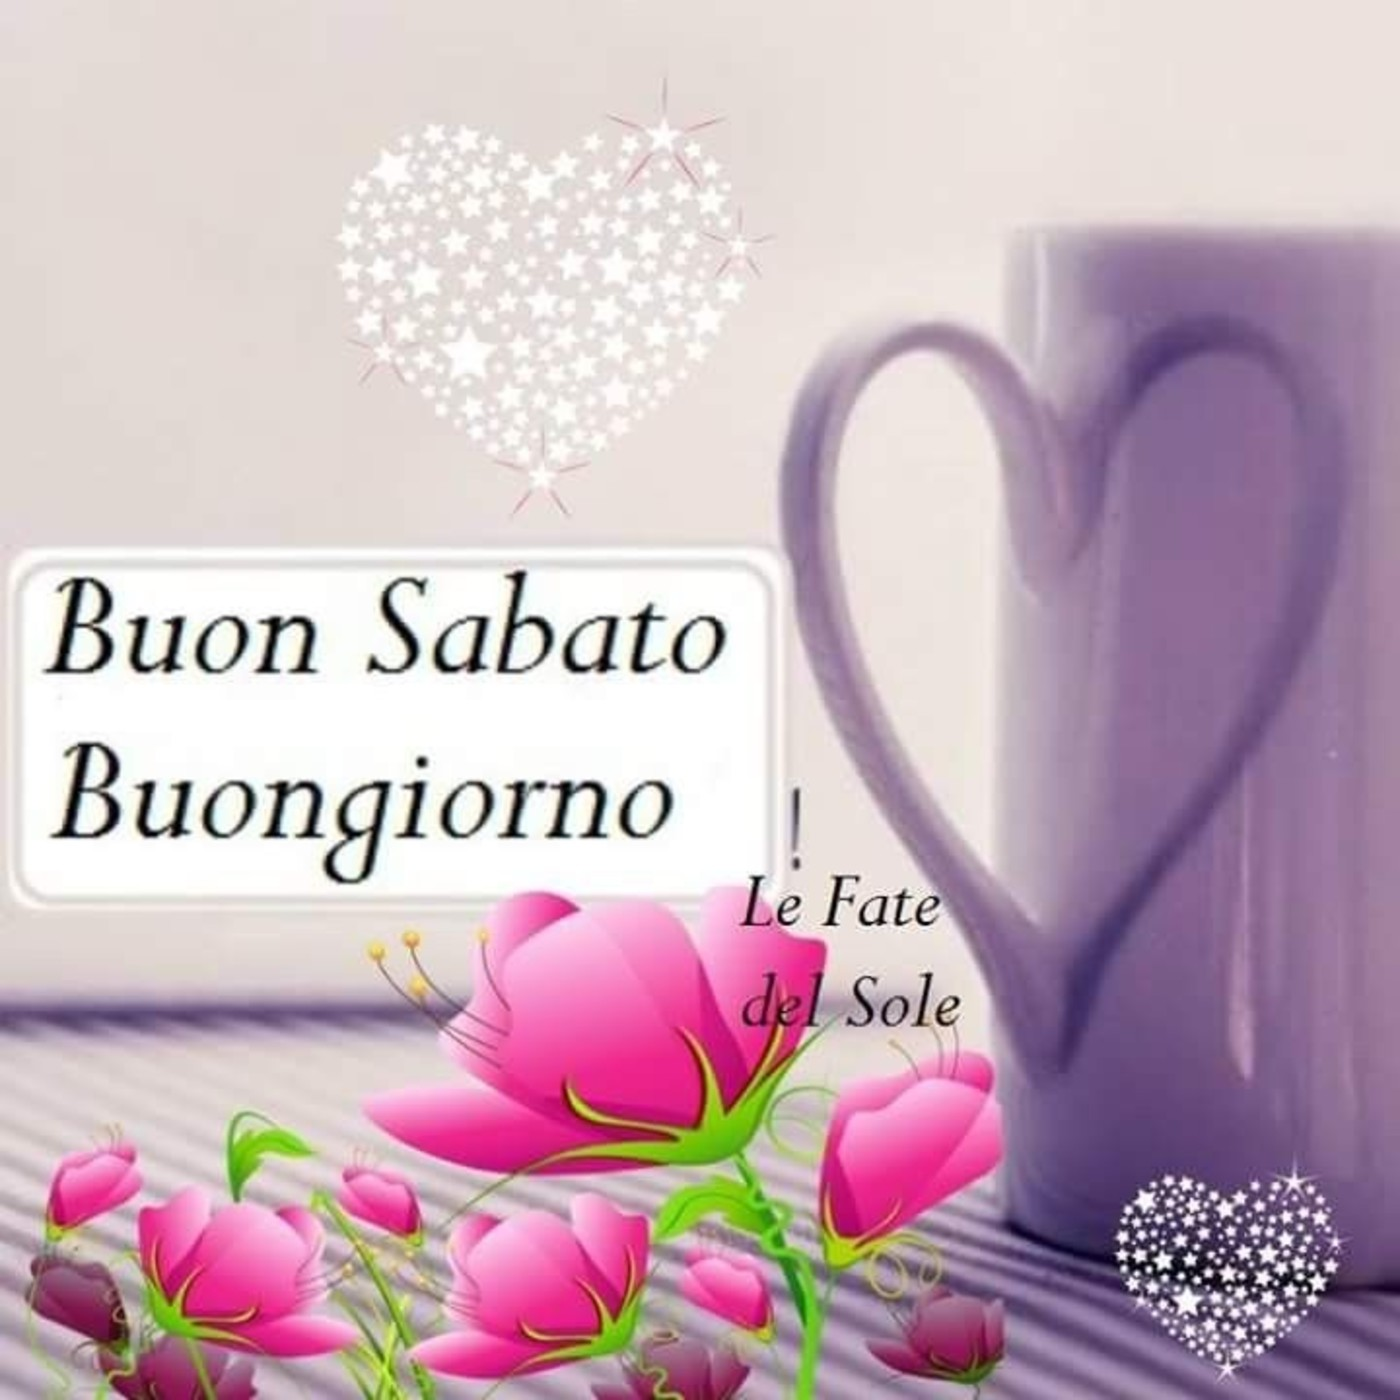 Buon Sabato e Buon Fine Settimana 70 - Buongiorno-Immagini.it